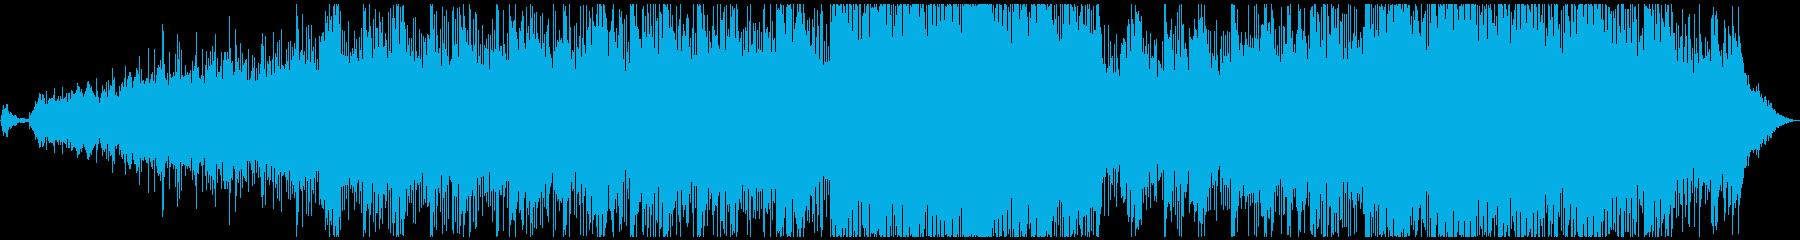 新世紀エレクトロニクス ラウンジ ...の再生済みの波形